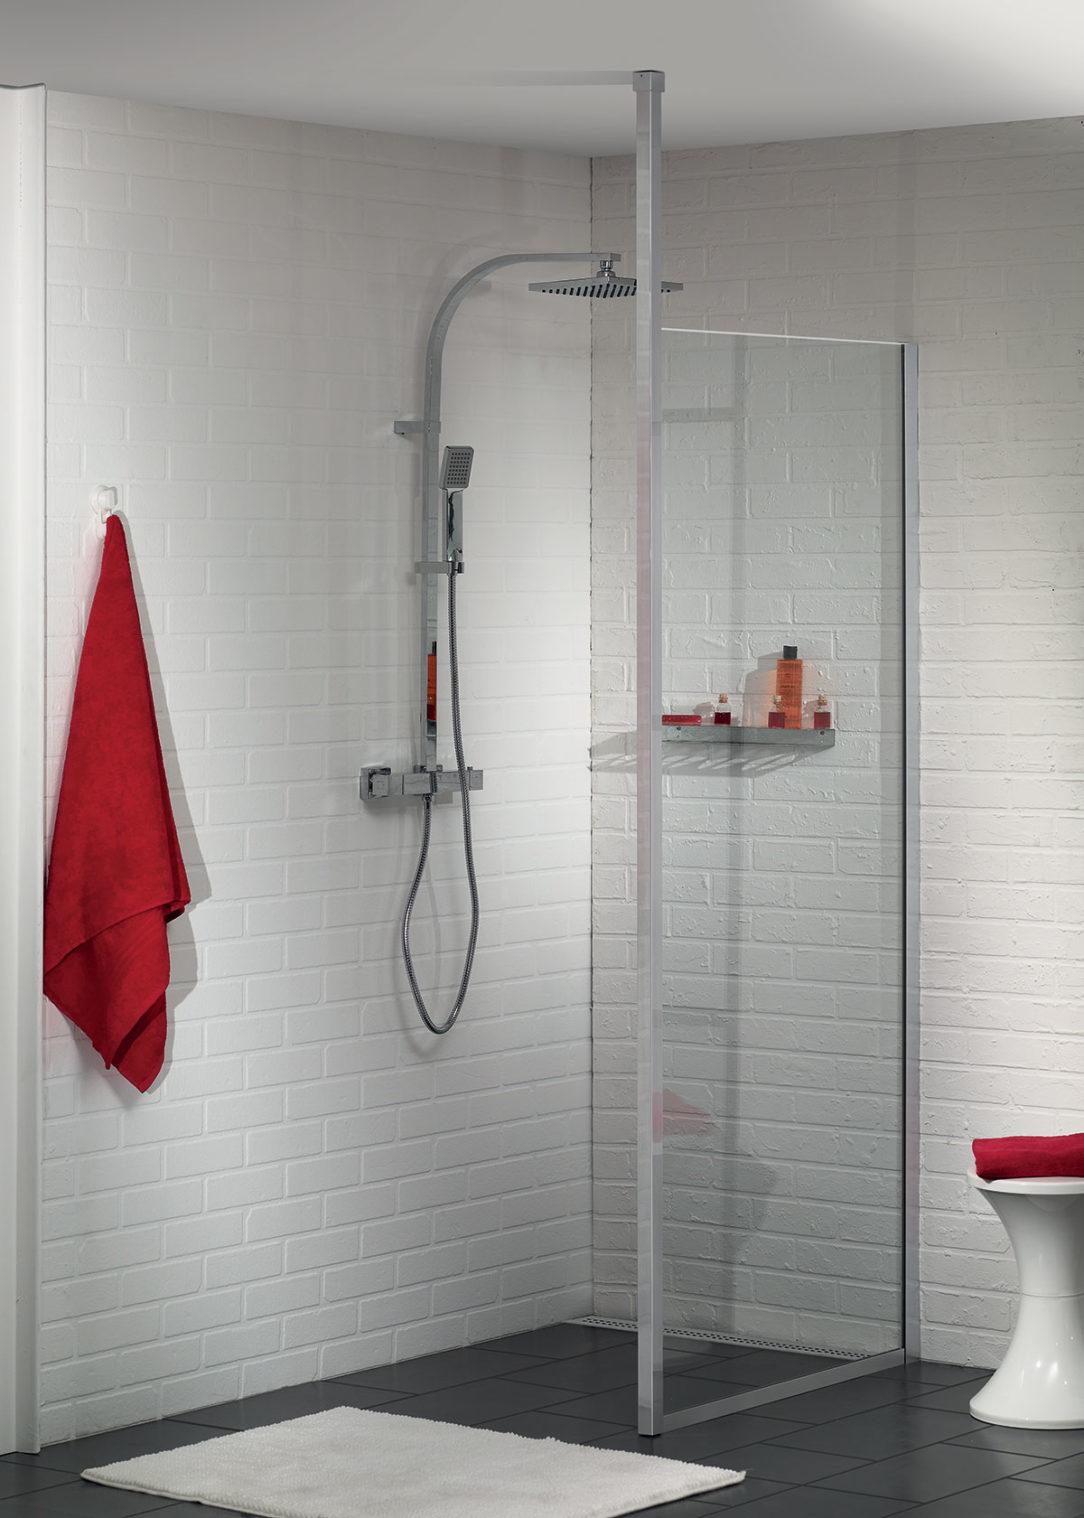 Sklené sprchové kúty sú krásne, problém je len čistenie skla a tým sa sprchový kút môže stať nočnou morou každej gazdinky. Našťastie je na trhu moderné bezúdržbové sklo, na ktorom sa nečistoty či stopy po kvapkách vody neudržiavajú.